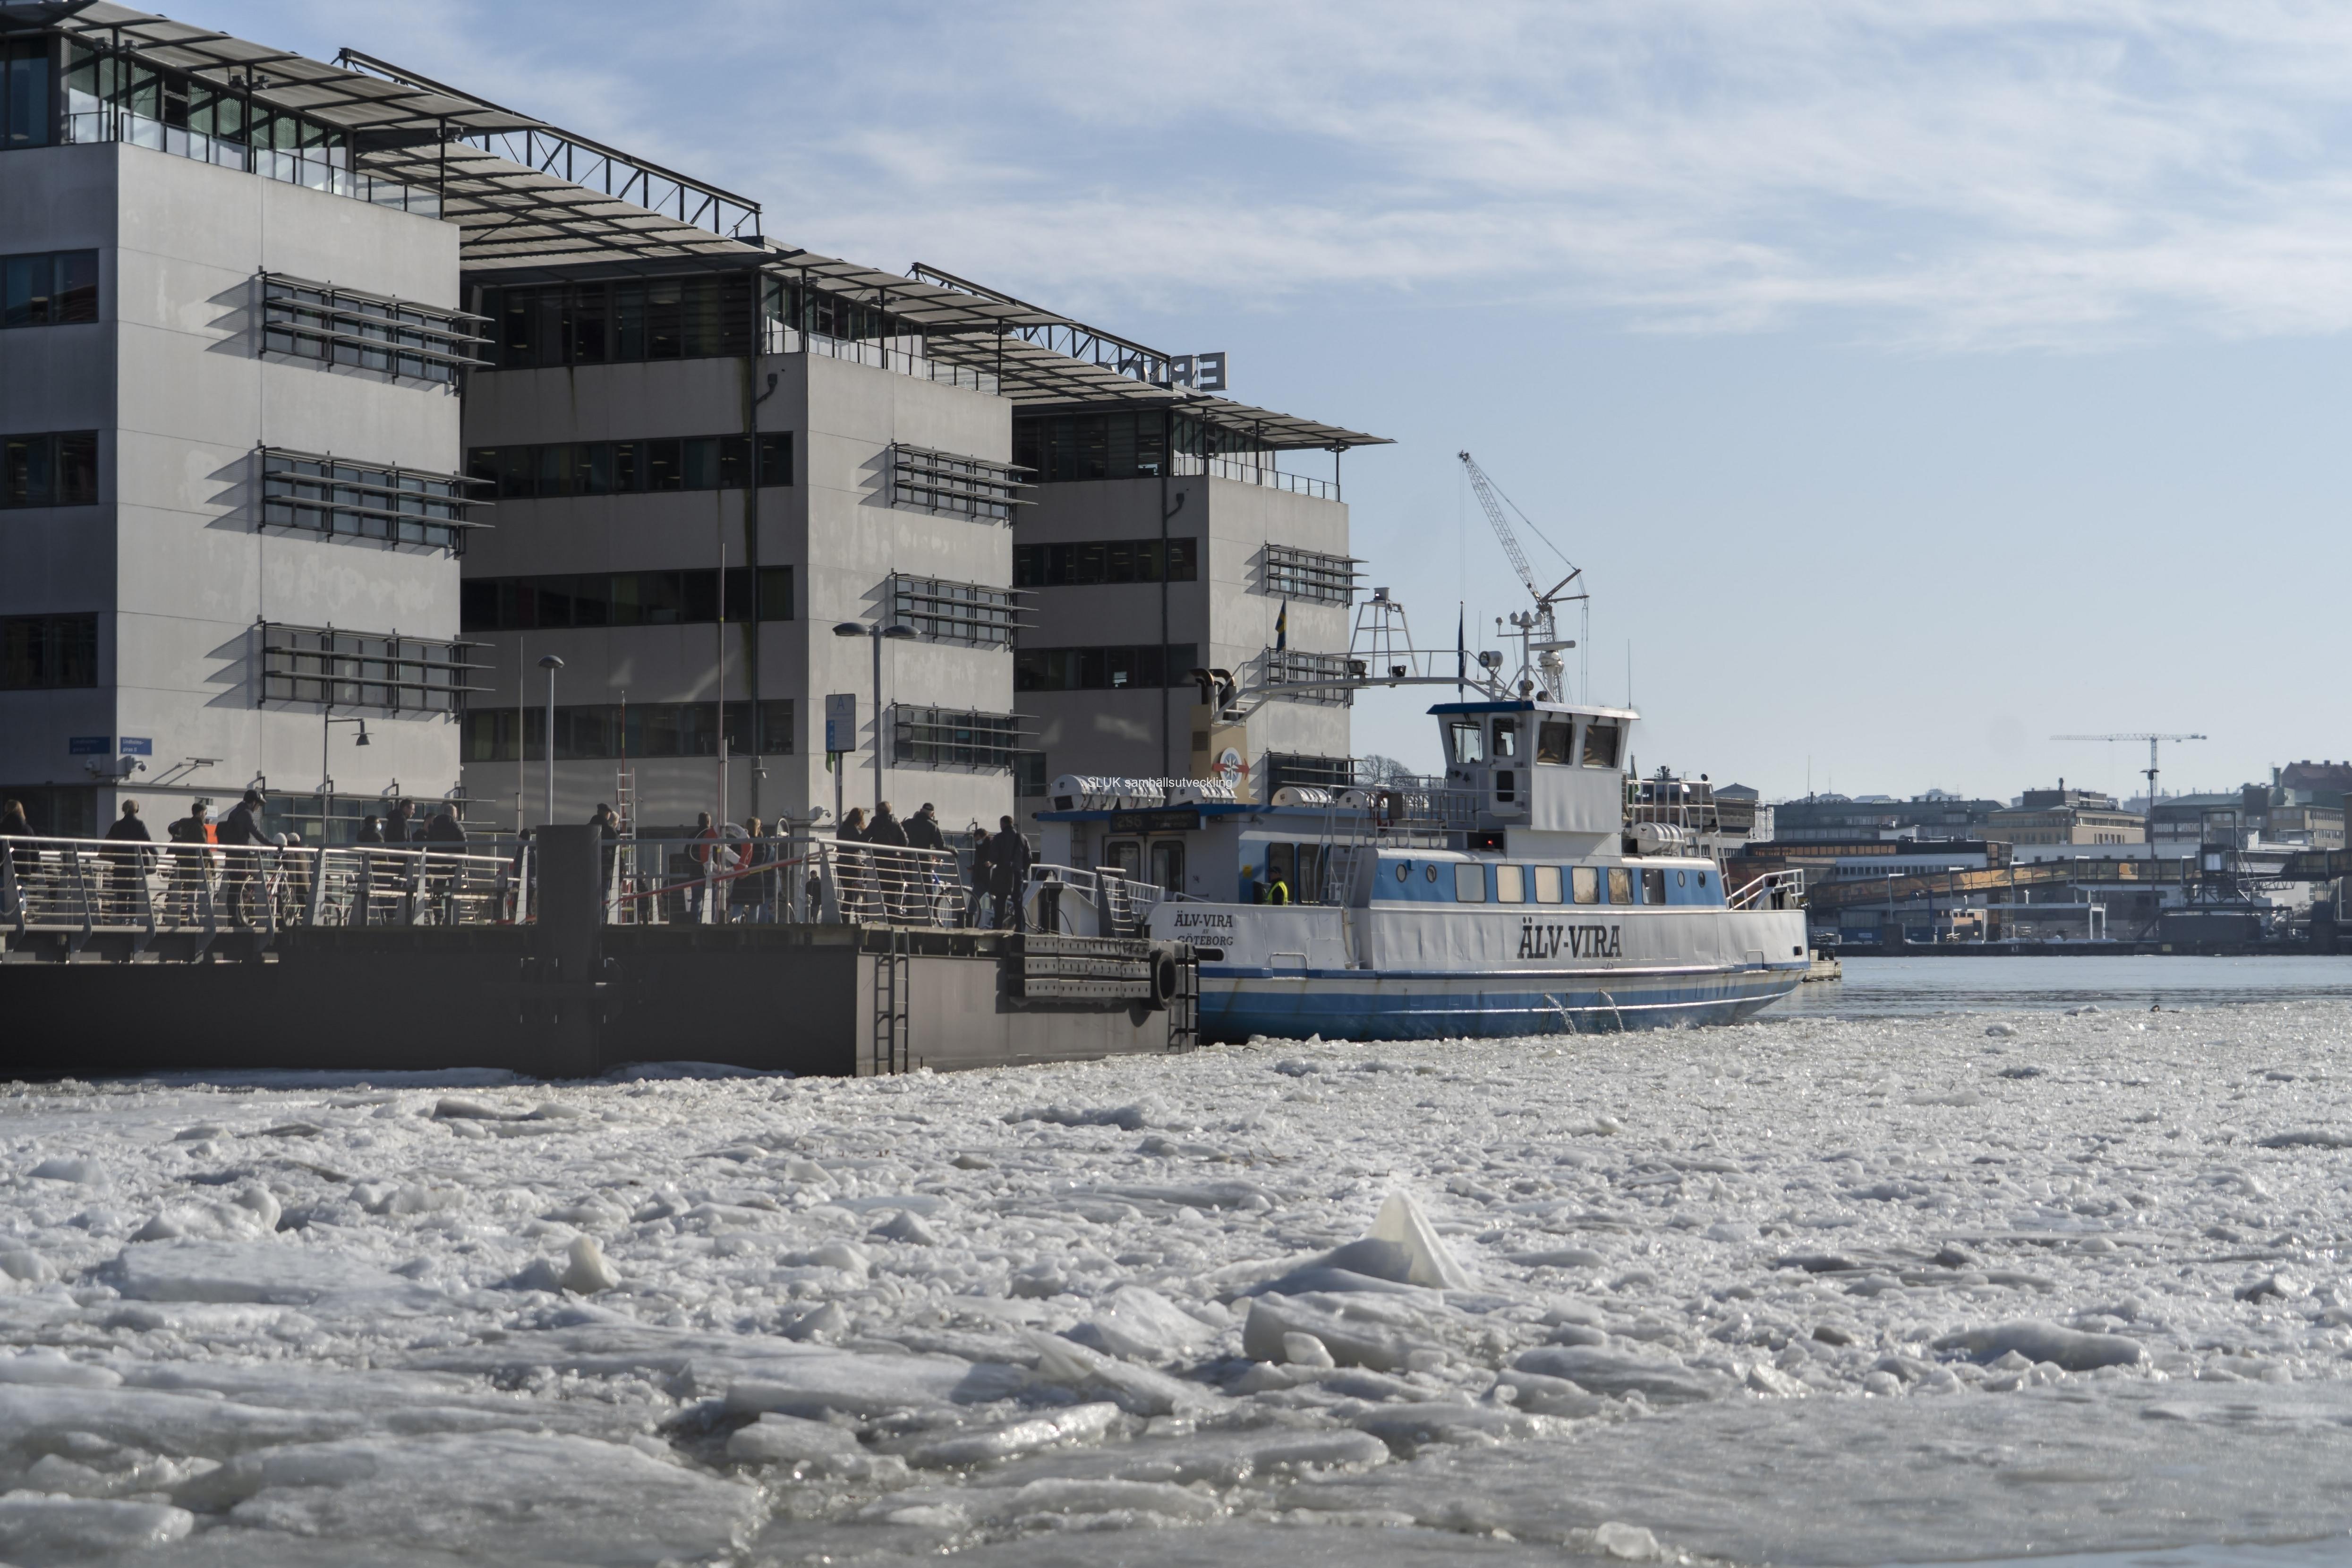 Färjan Älv-Vira anlände med passagerare. färjorna går tätt mellan Lindholmen och Lilla Bommen.